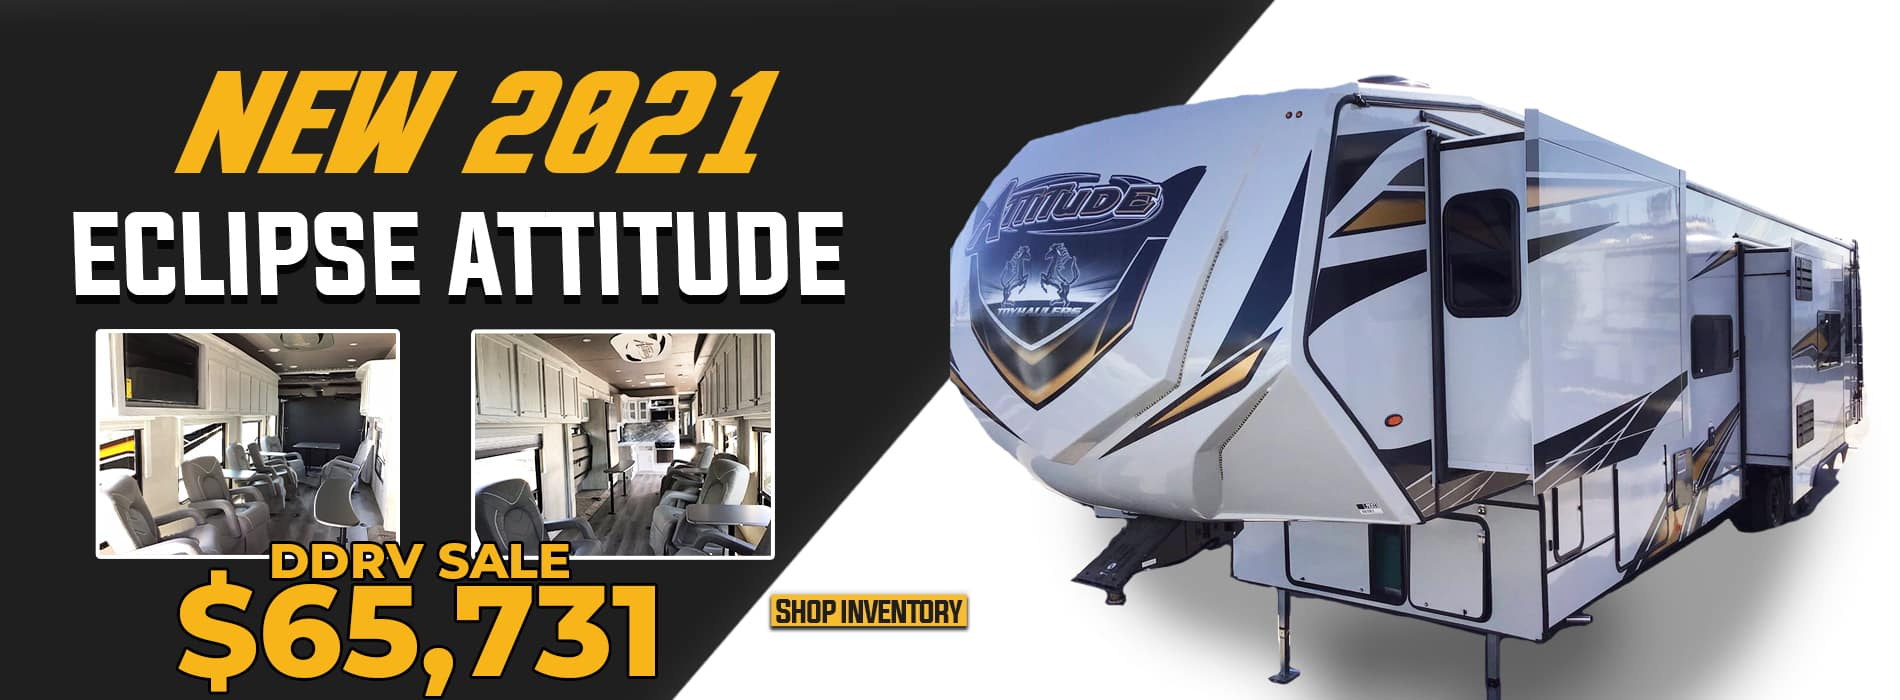 2021 ECLIPSE ATTITUDE 3922RR 10-2020